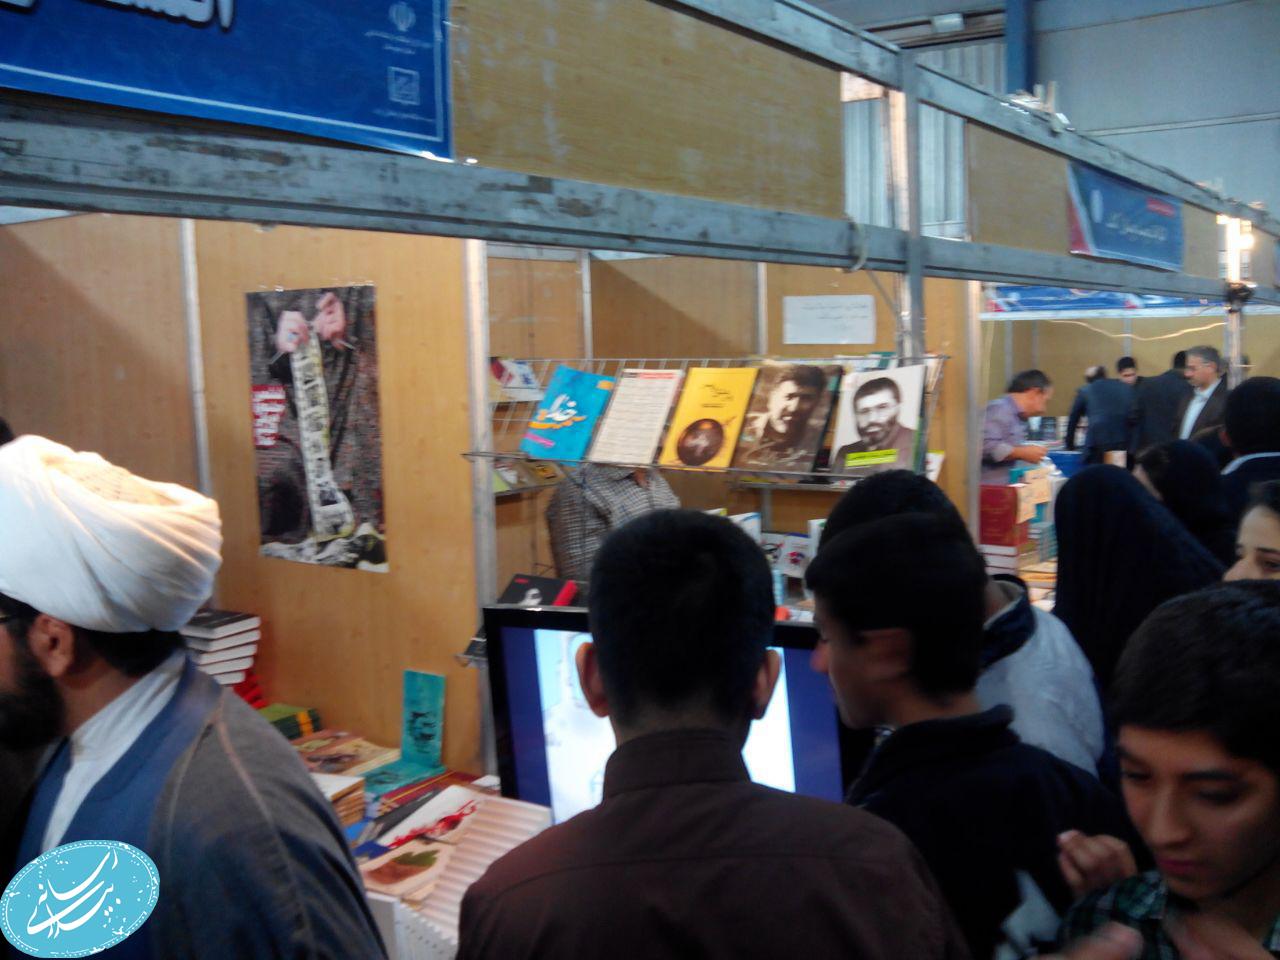 گزارش مصور از آخرین روز غرفه رسانه بیداری در نمایشگاه کتاب